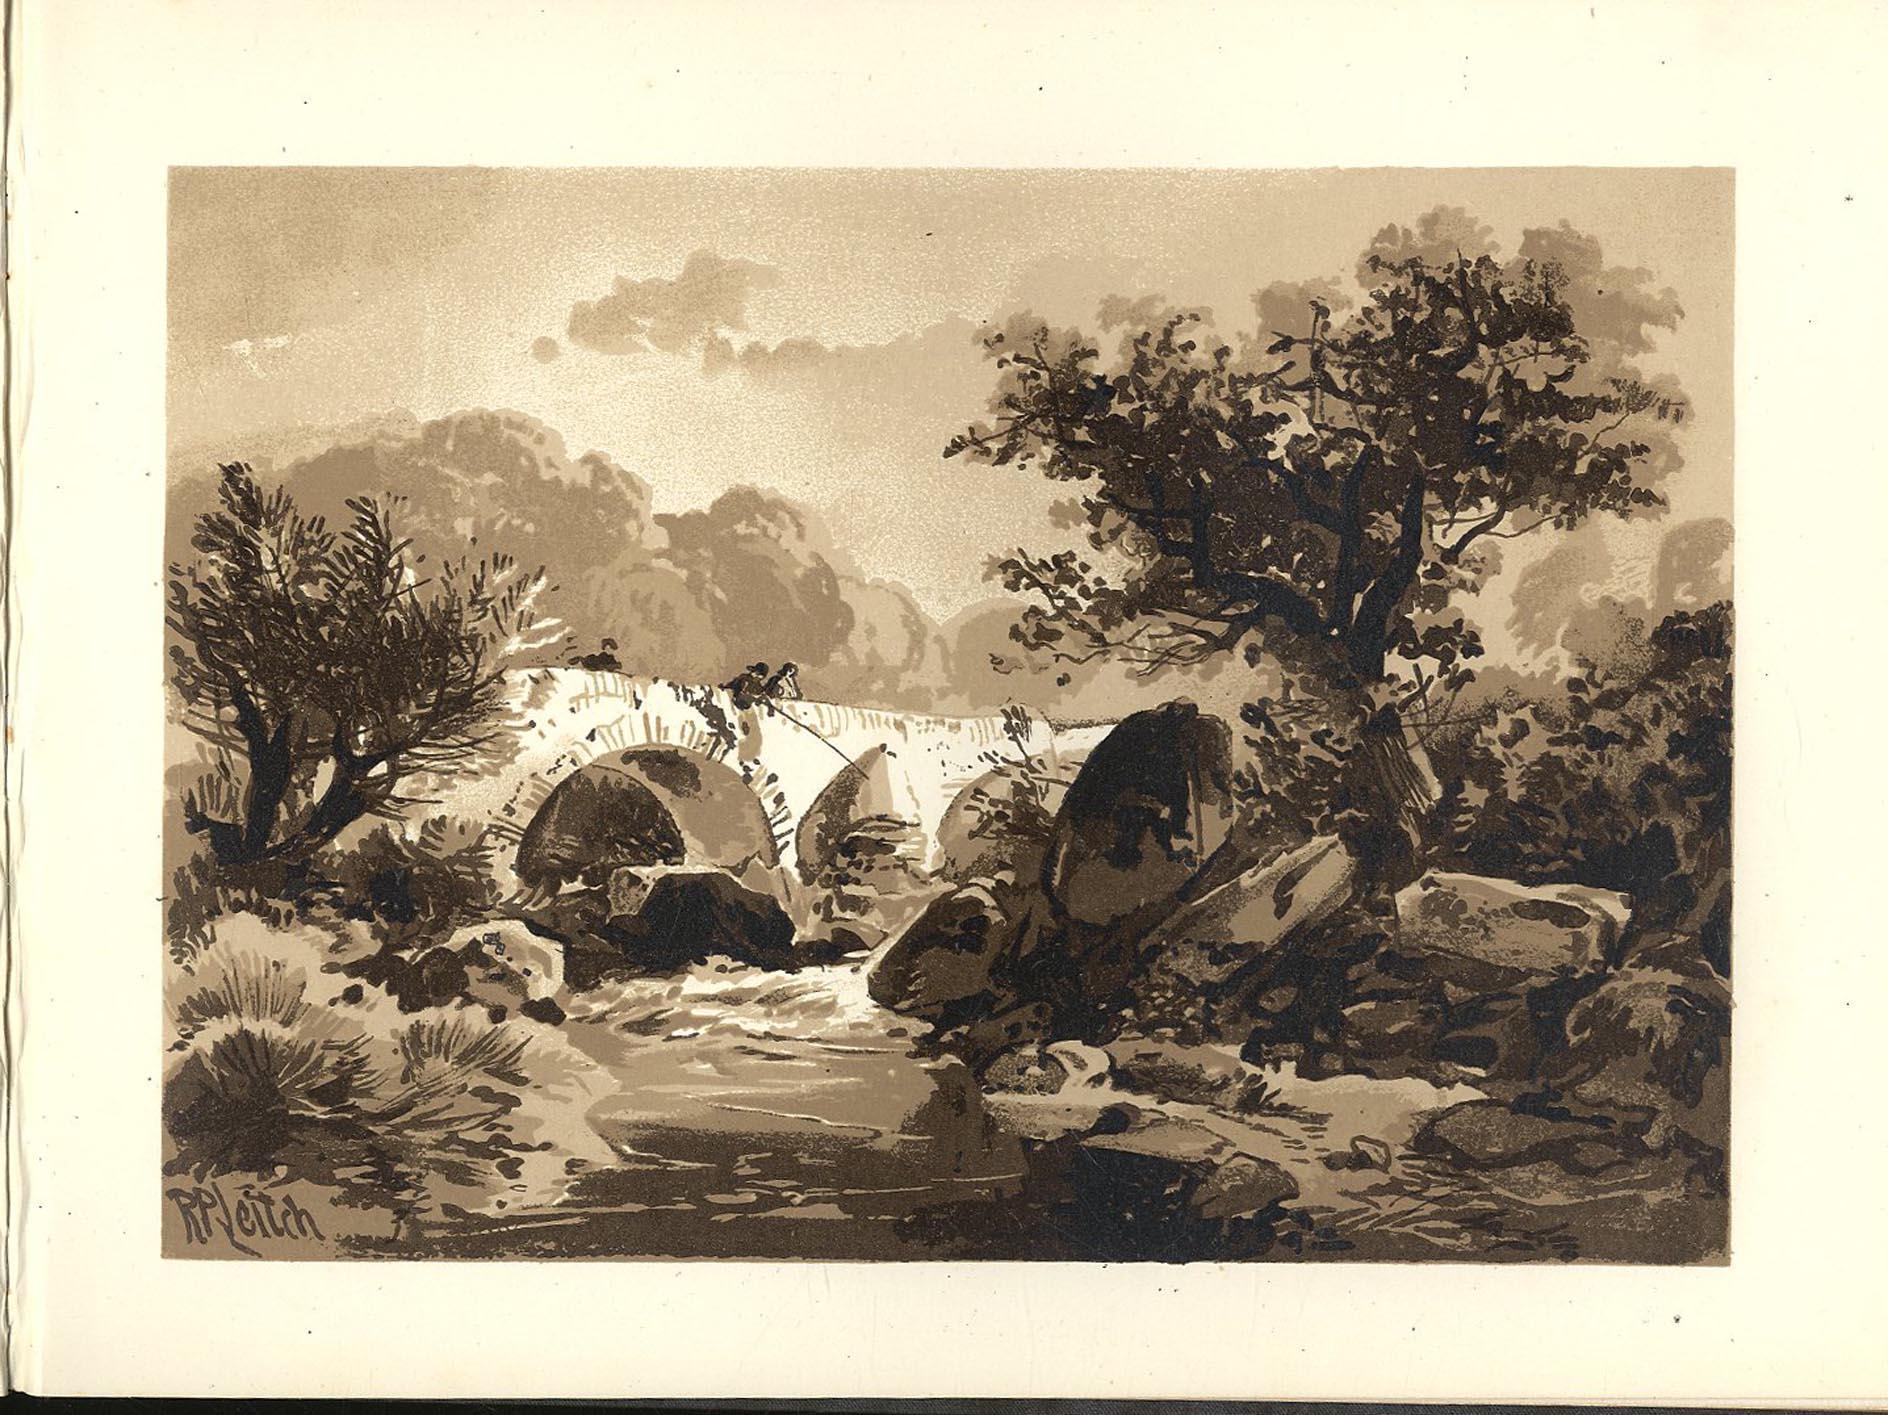 SH604.jpg (1888×1415)